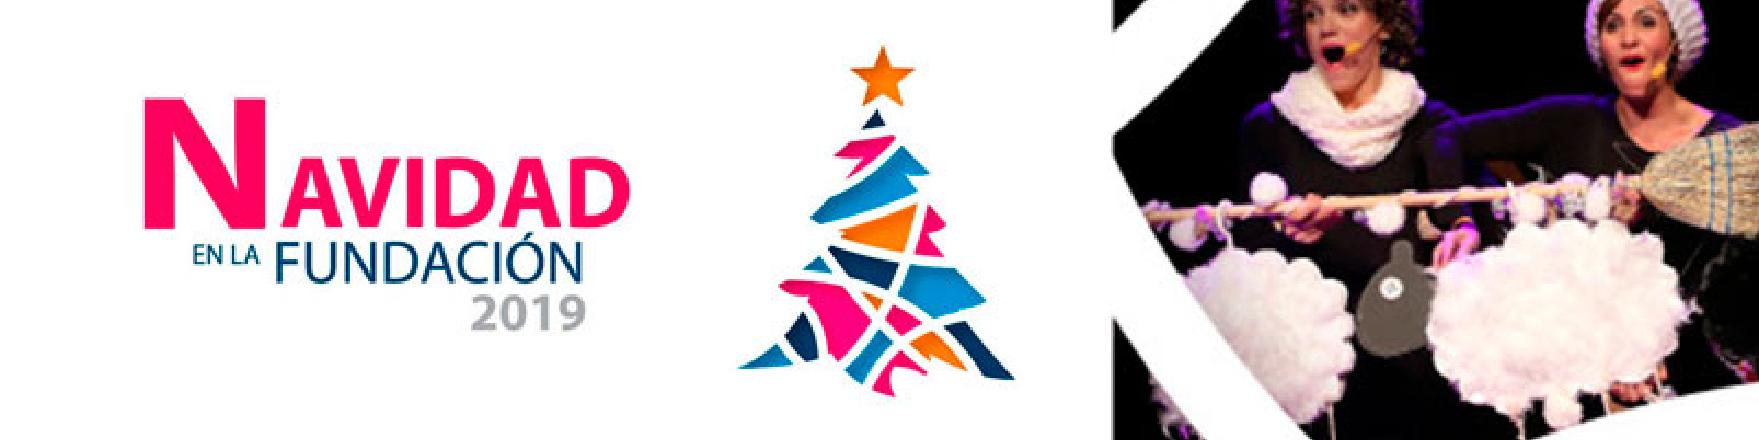 destacado programa de navidad bebecuentos las estaciones